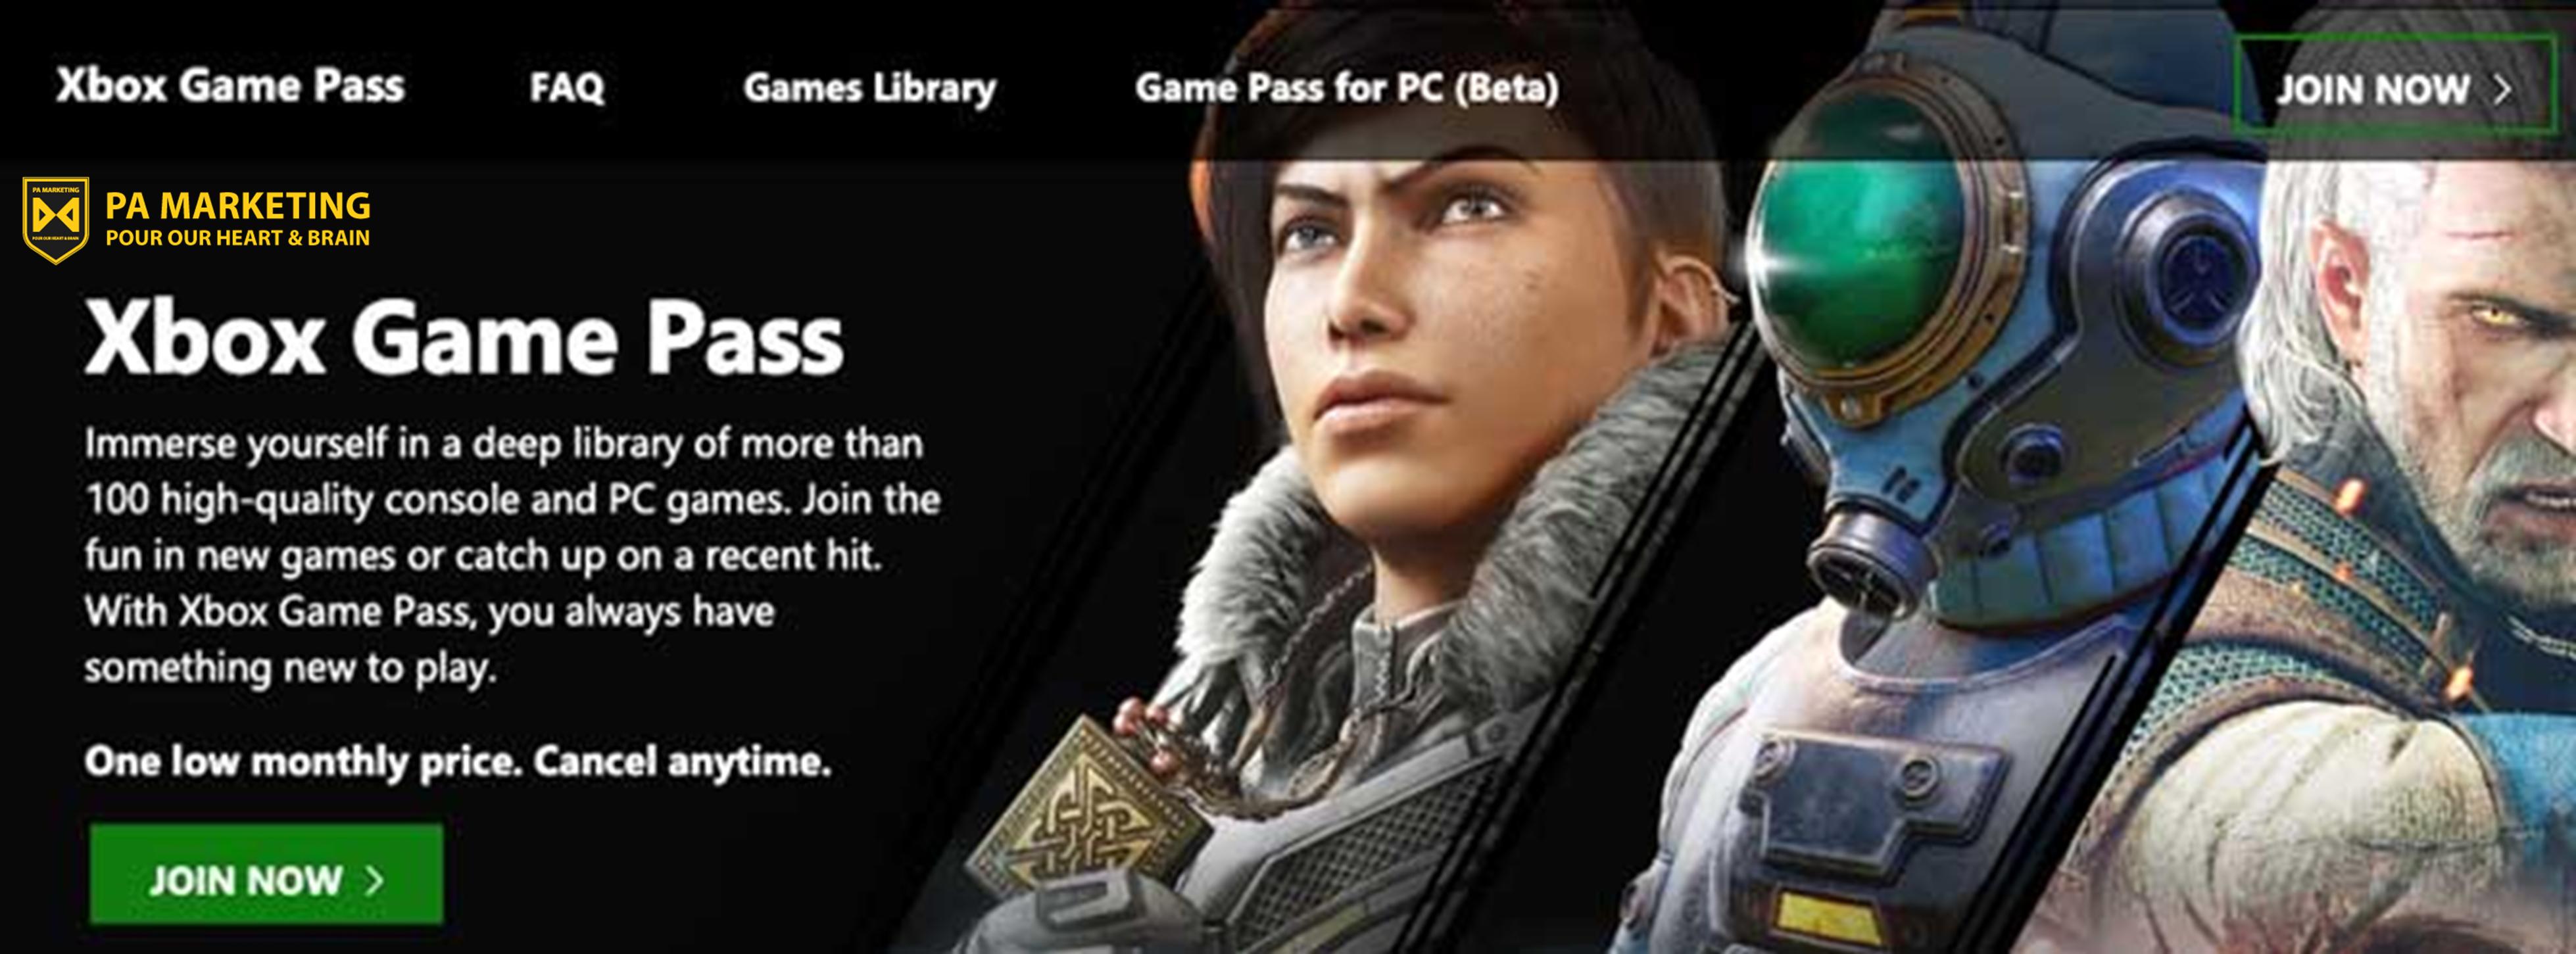 Mô hình đăng ký vé trò chơi Xbox